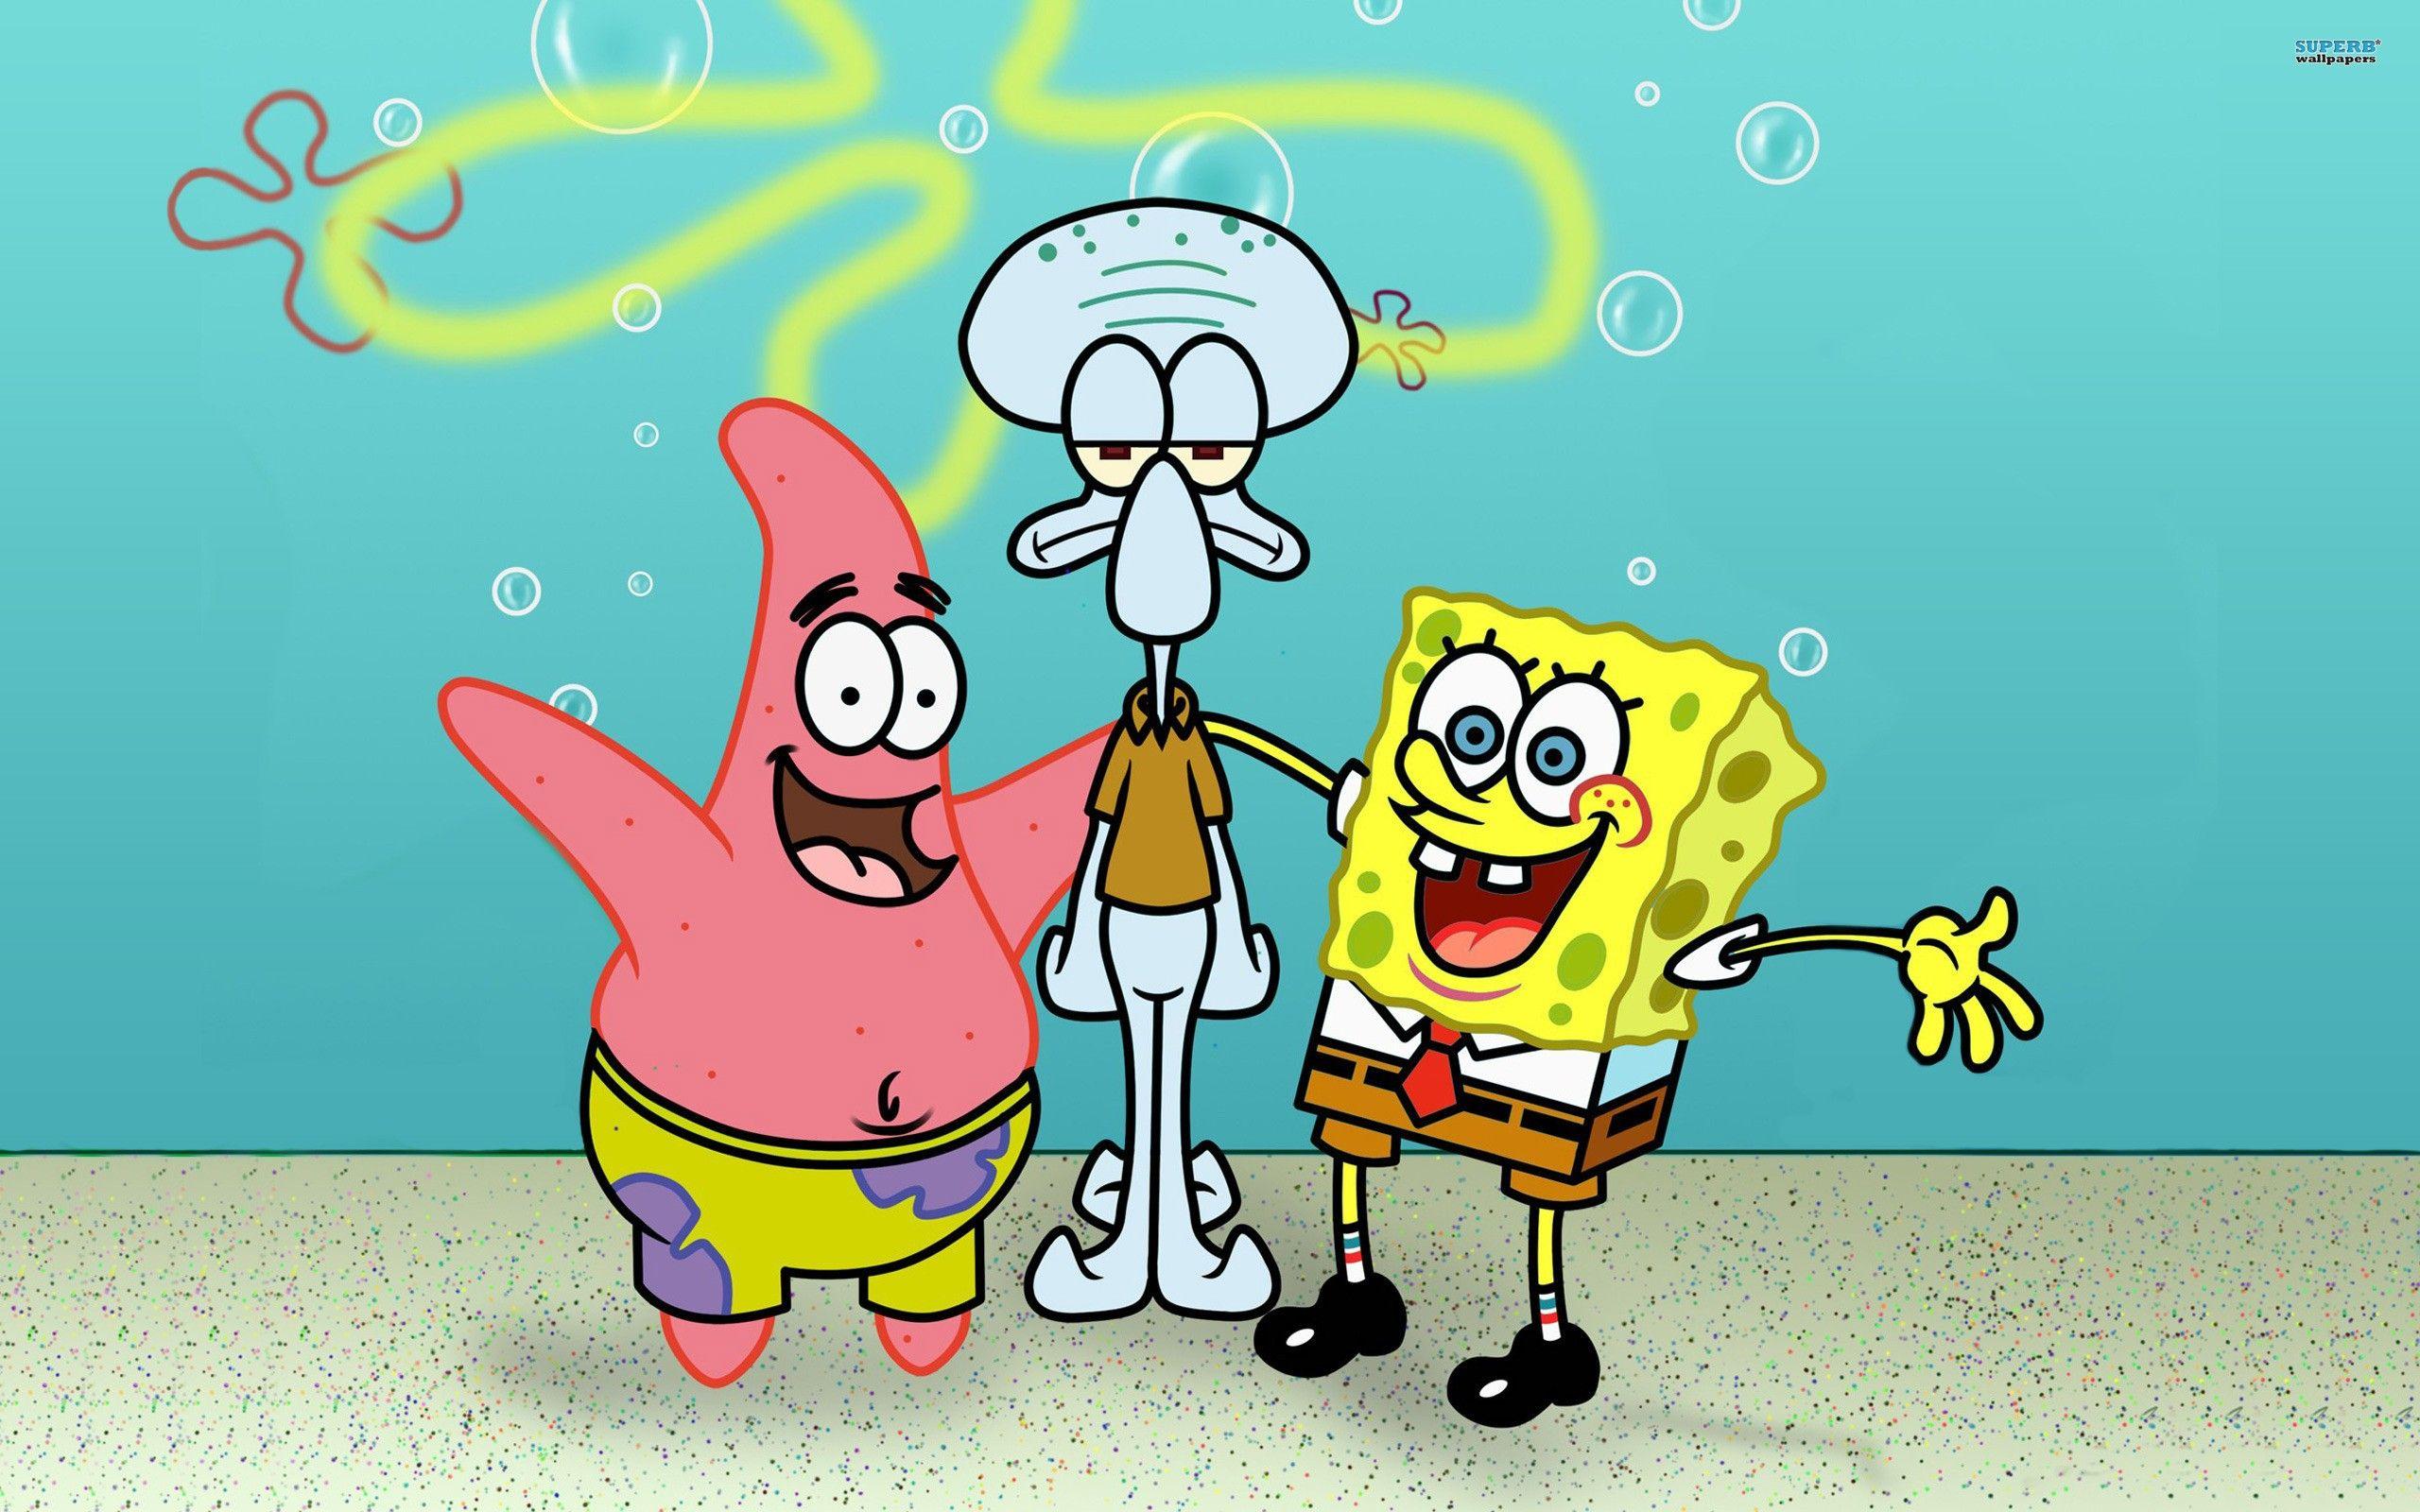 Spongebob Patrick And Squidward (Dengan gambar